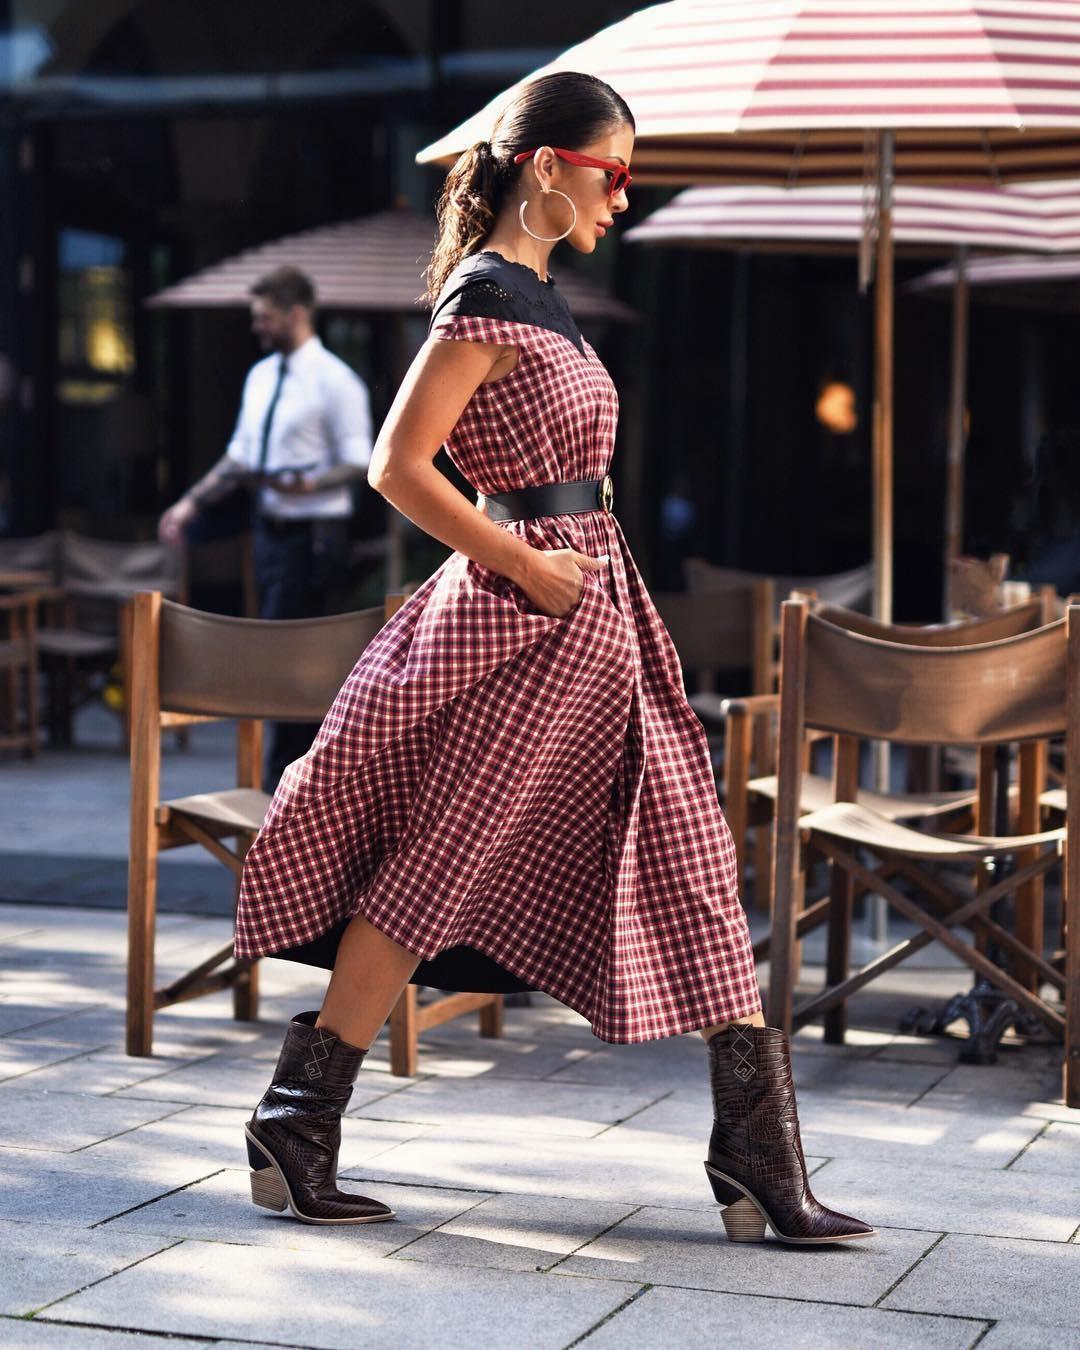 d8b93f62 Los botines cowboy son el calzado más deseado: los 27 modelos más 'in' de  la temporada